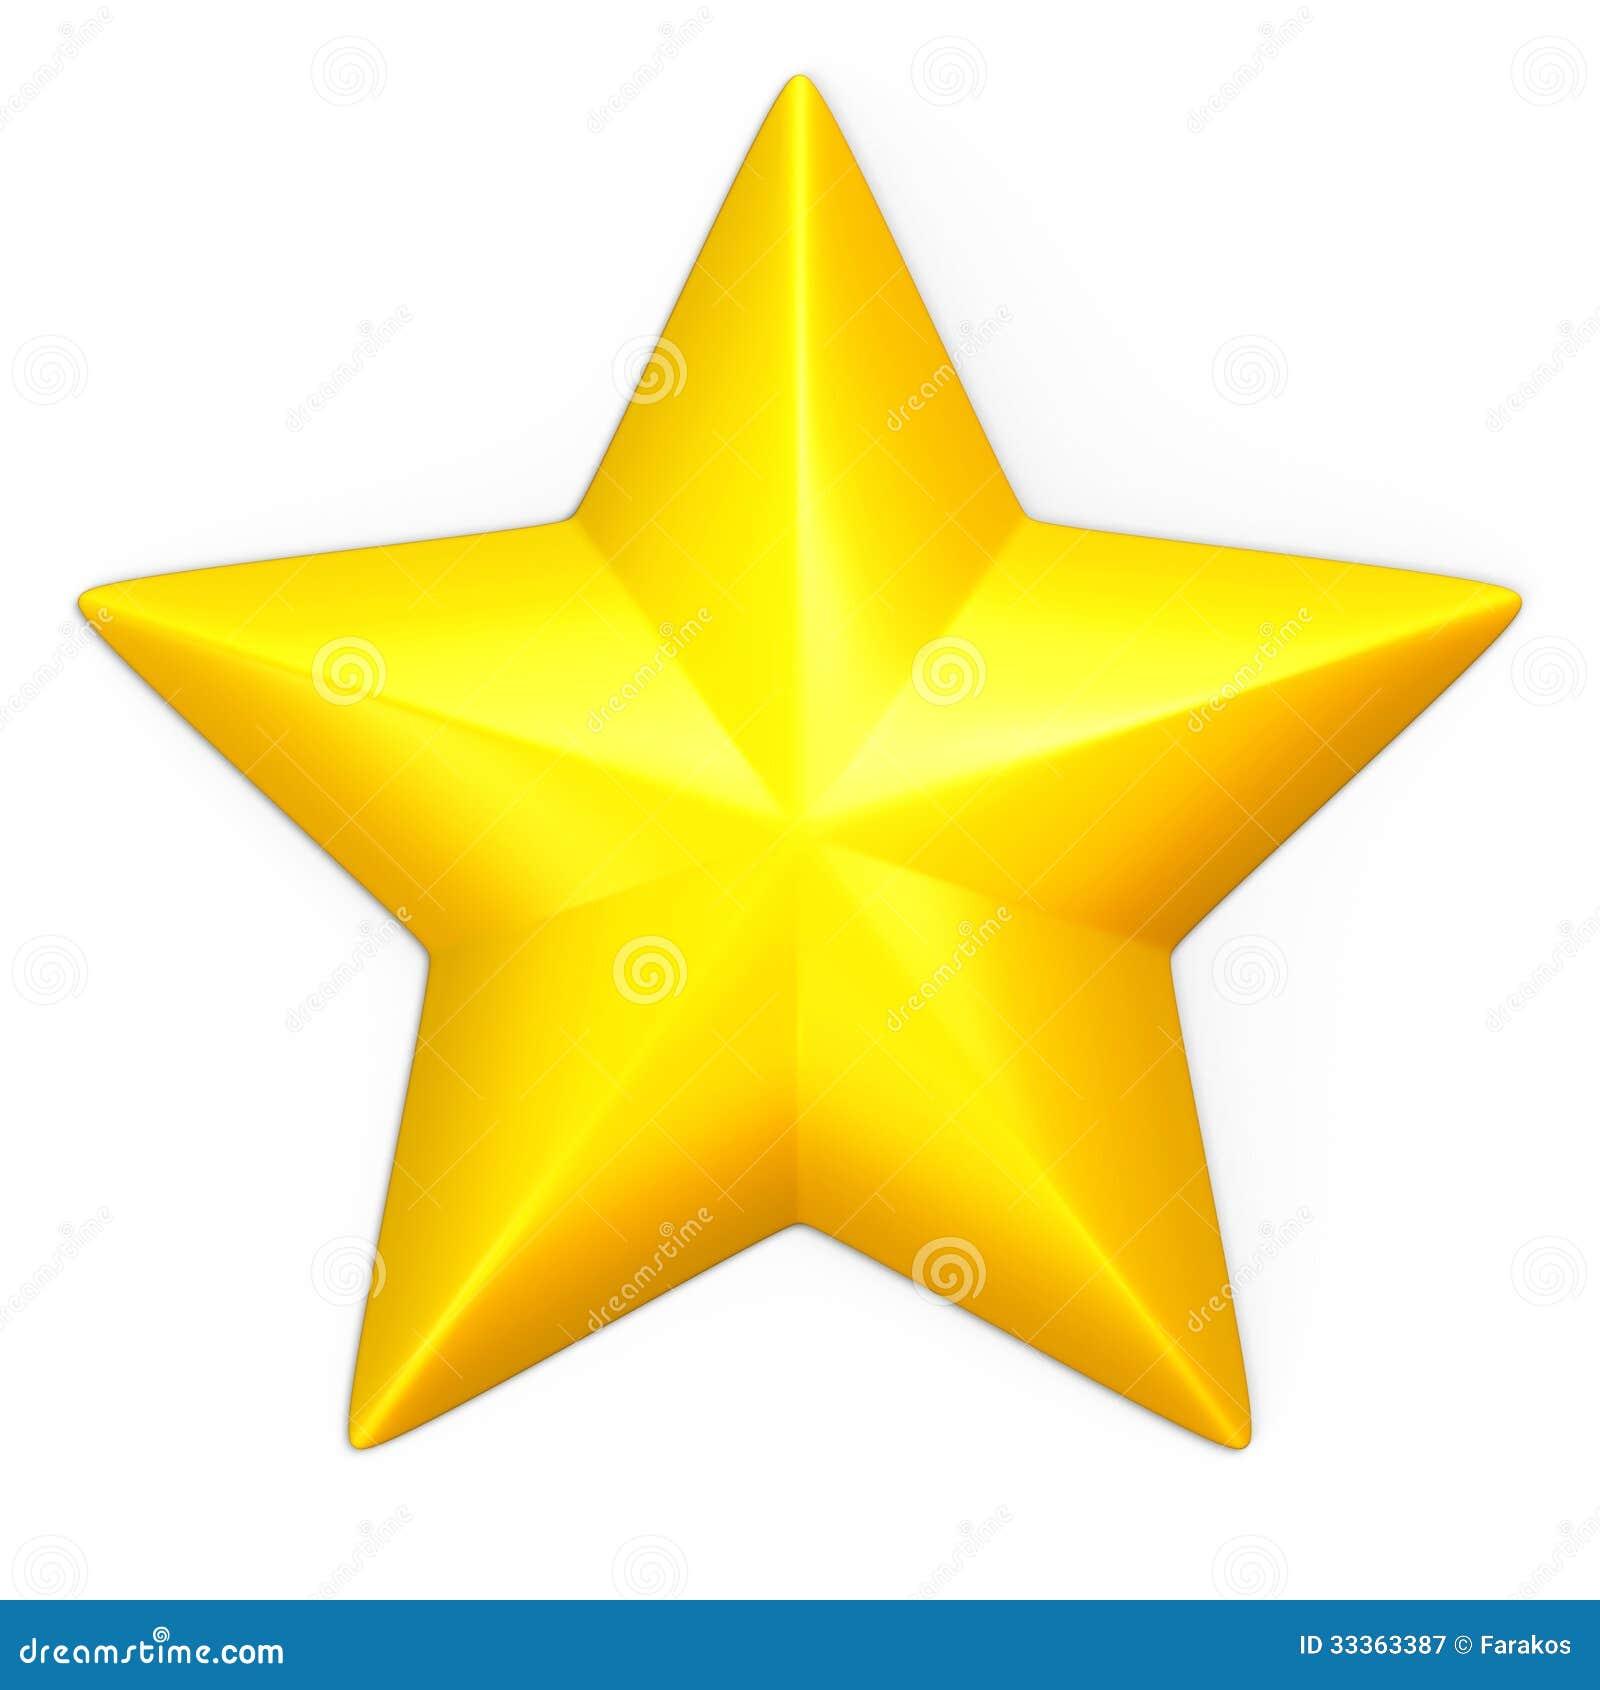 Как нарисовать звезду  Рисунок звезды карандашом поэтапно